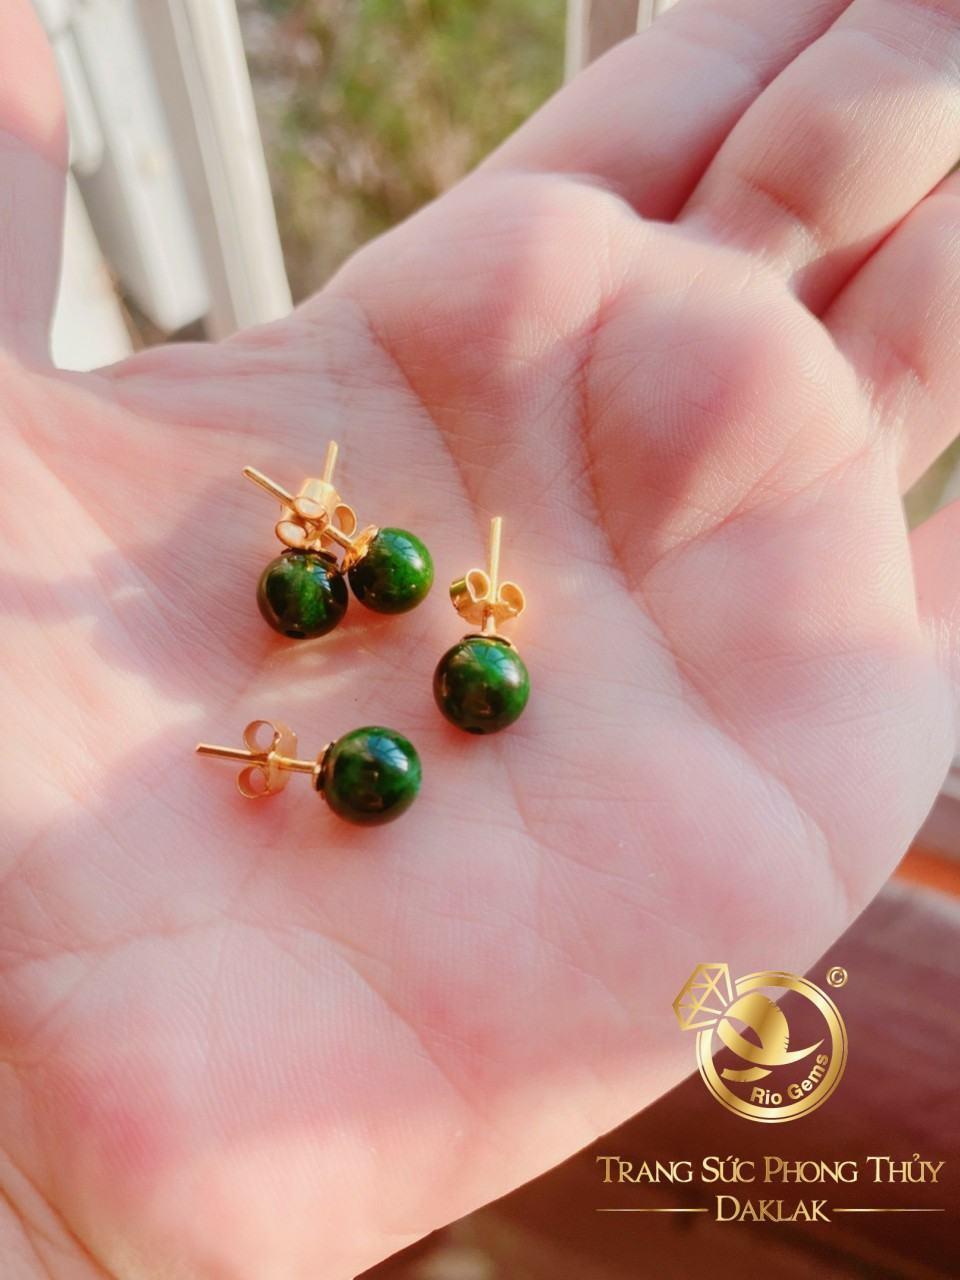 """Bông tai ngọc Jade lên vàng phong thủy RIOGEMs được """"sủng ái"""" nhờ độ bền cao, màu sắc xanh sáng bóng của Ngọc Jade"""